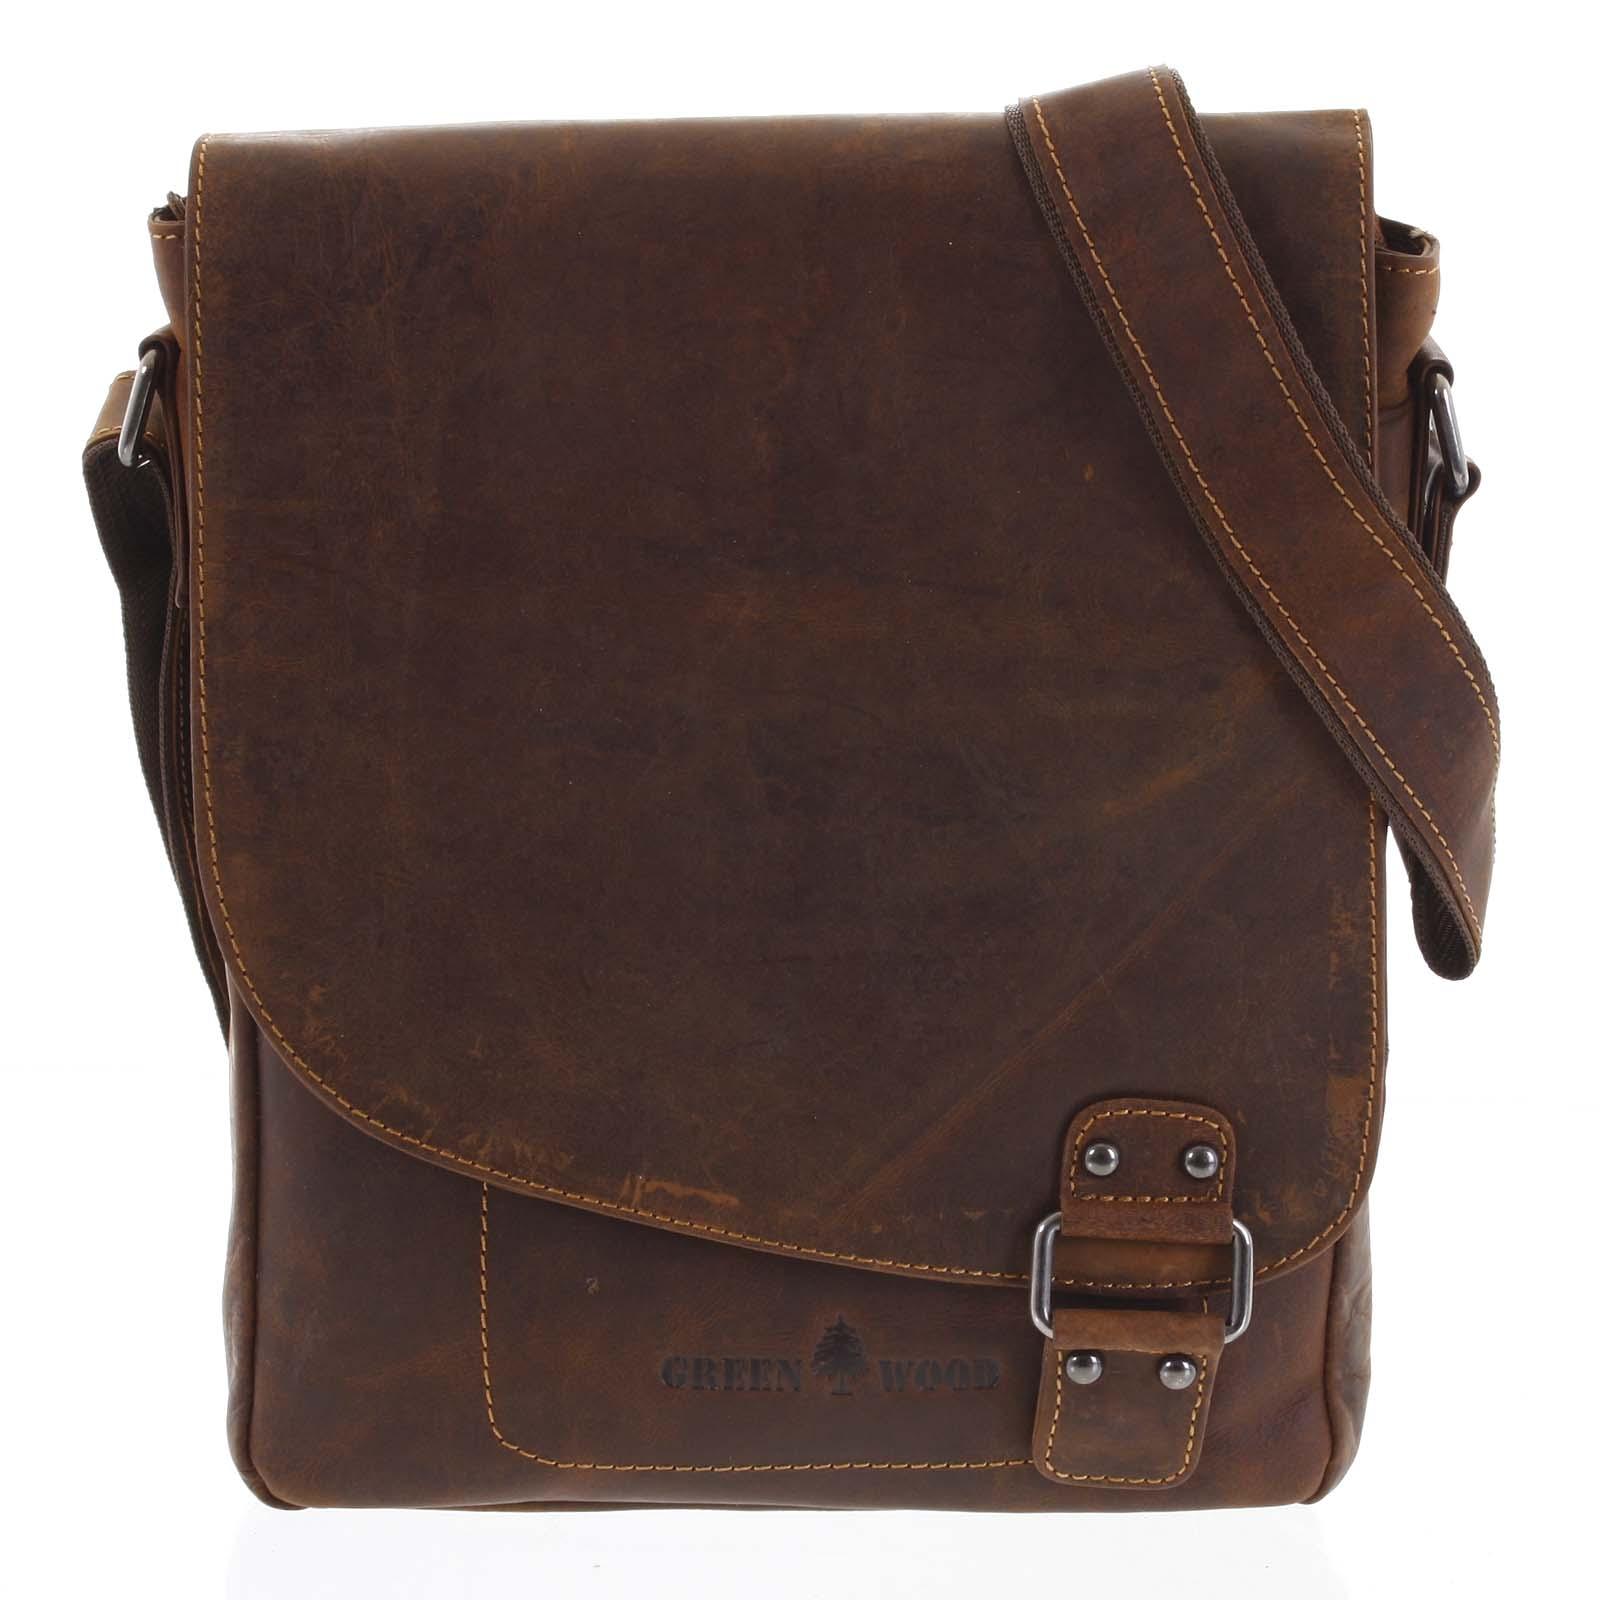 Pánská kožená taška hnědá - Greenwood Maroon